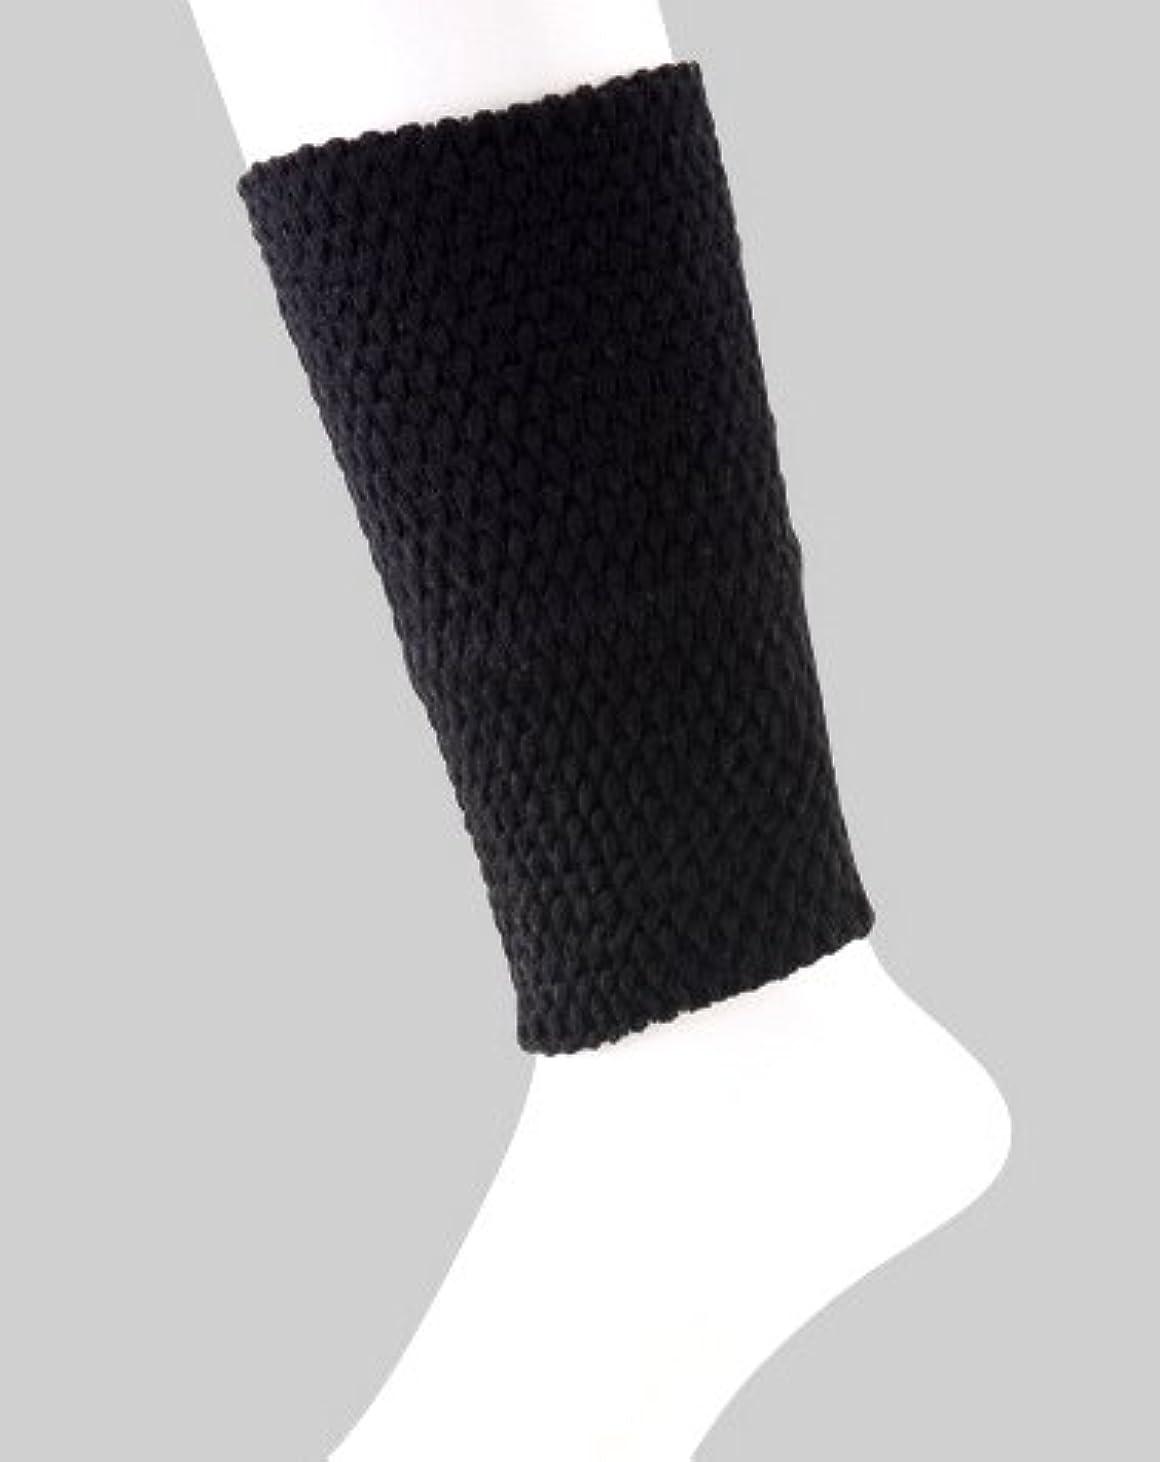 何でもご注意グリース日本製 足首ウォーマー 表綿100% 二重構造で暖かい 春夏 冷房対策 20cm丈 (ブラック)